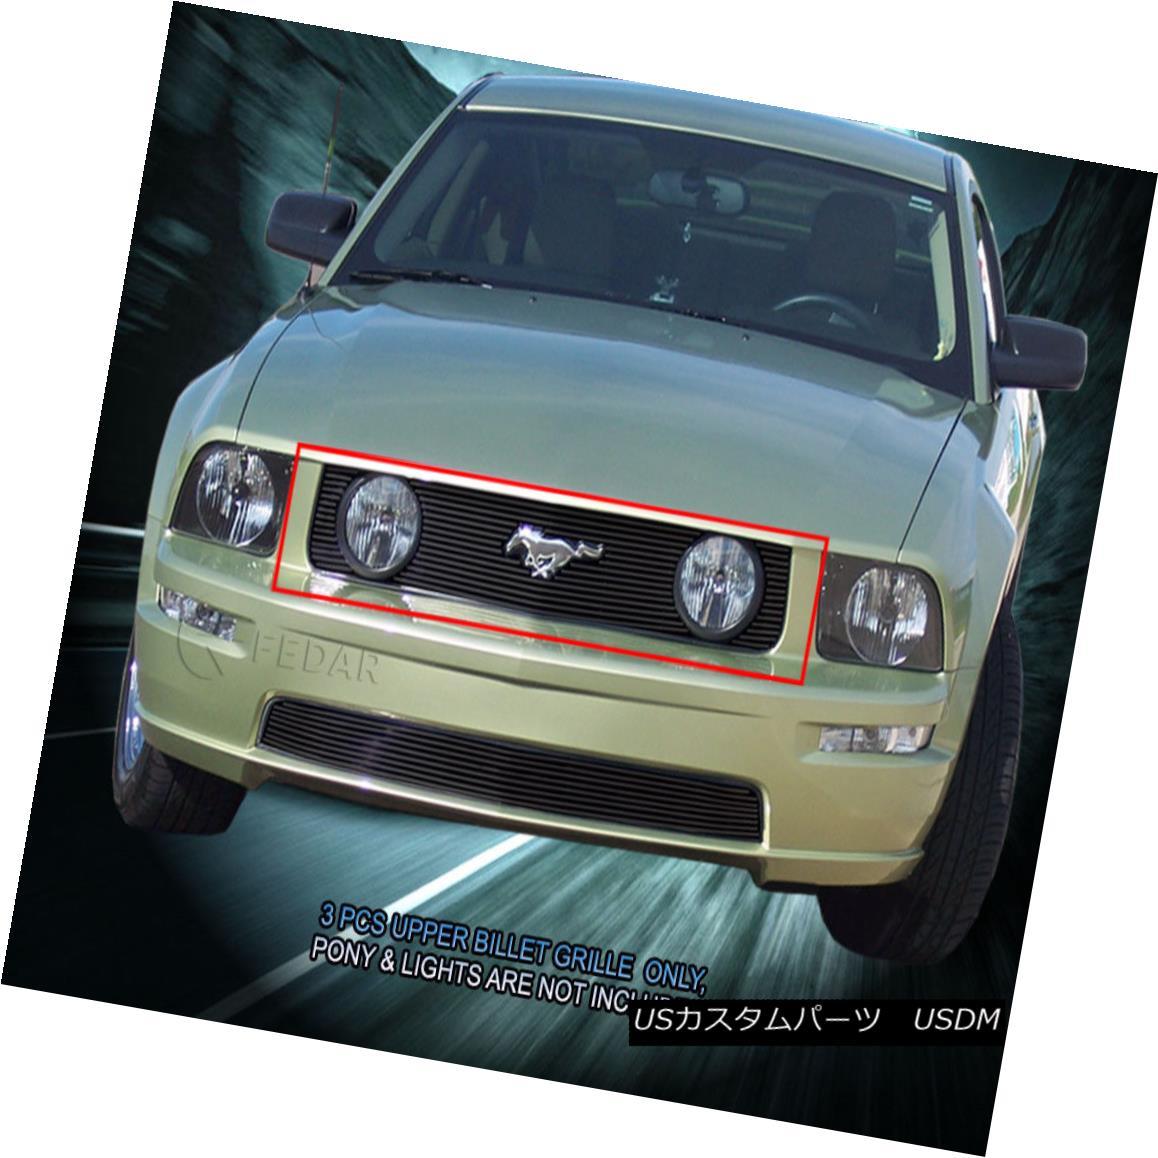 グリル Fits 05- 09 Ford Mustang V8 GT Black Billet Grille Grill Upper Insert Fedar フィット05- 09フォードマスタングV8 GTブラックビレットグリルグリルアッパーインサートフェルダ